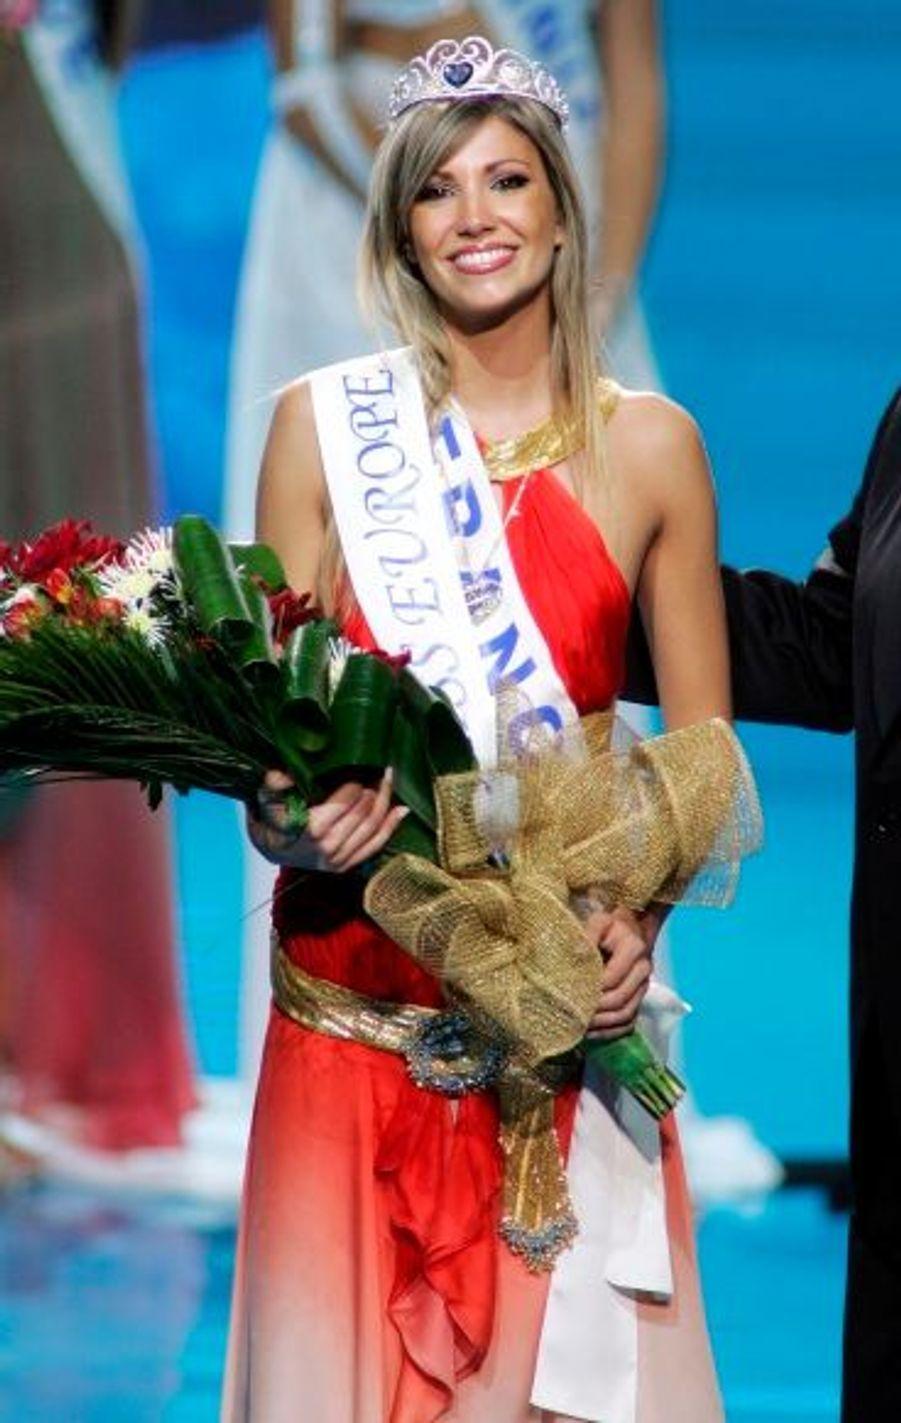 Alexandra Rosenfeld, Miss France 2006